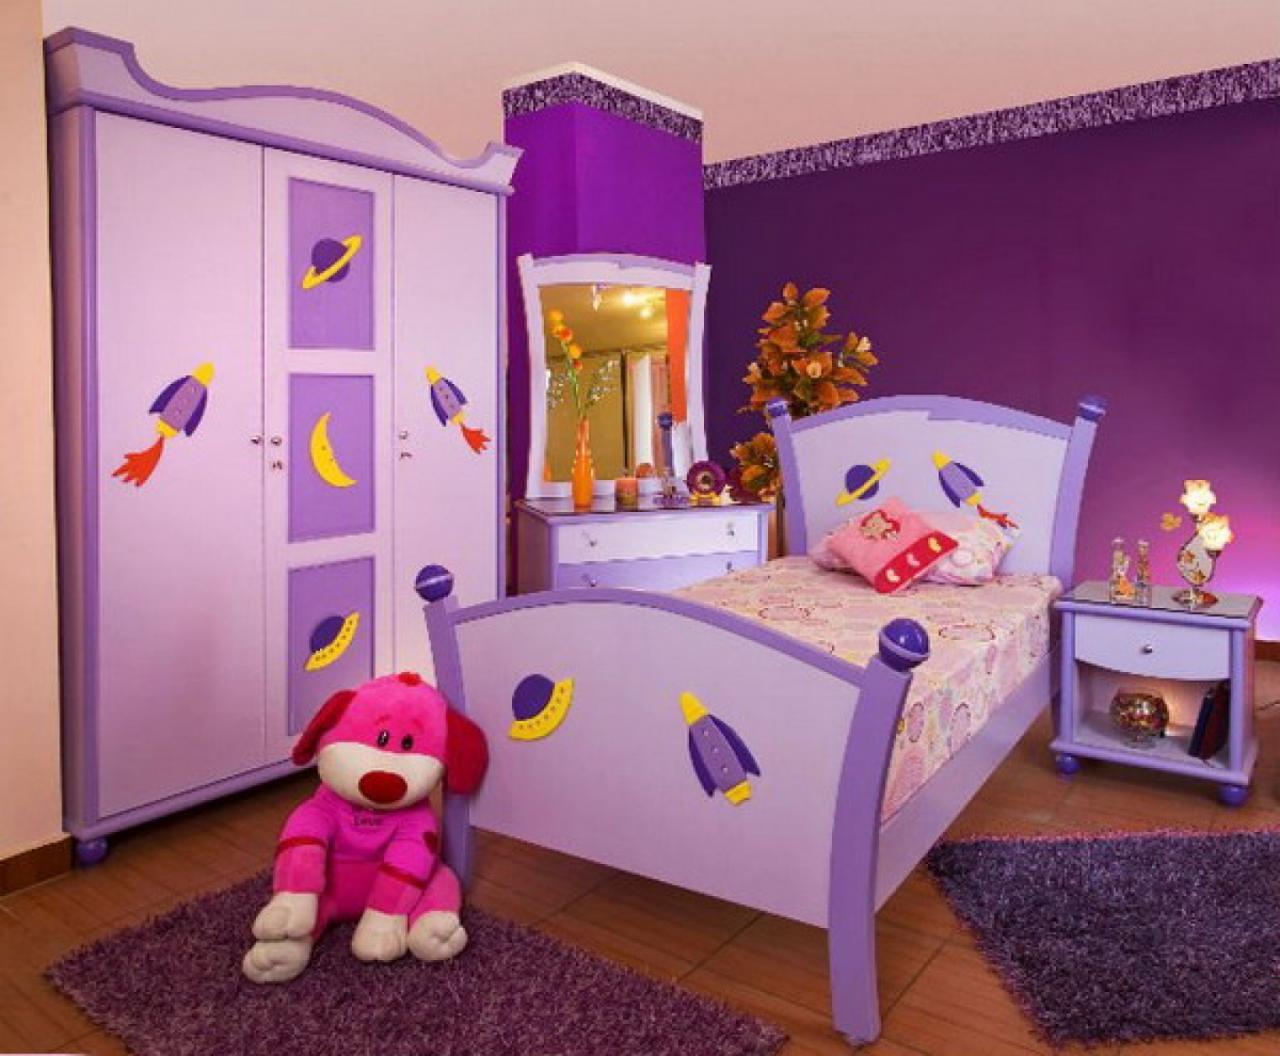 صورة ديكورات غرف اطفال, رقة رومانسية جمال وشباب ايضا في هذه التصاميم 723 5